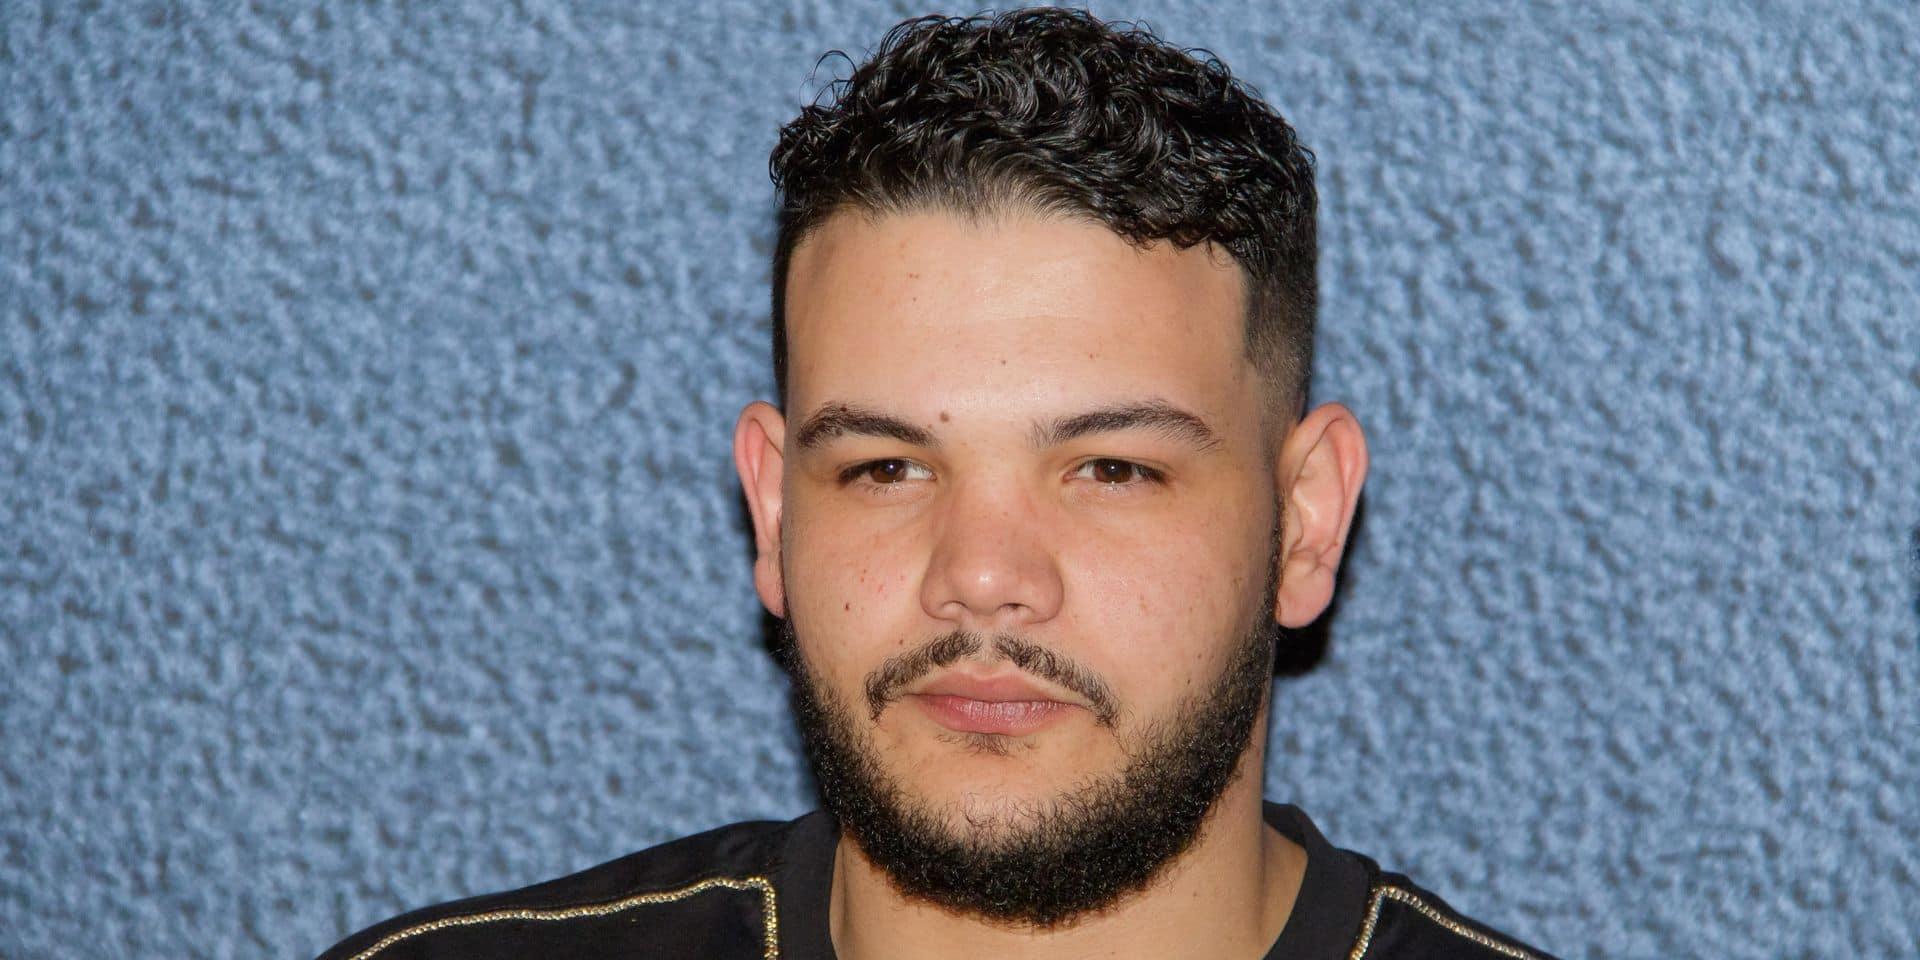 Le rappeur Sadek agresse le blogueur Bassem Braïki et poste la vidéo sur les réseaux sociaux